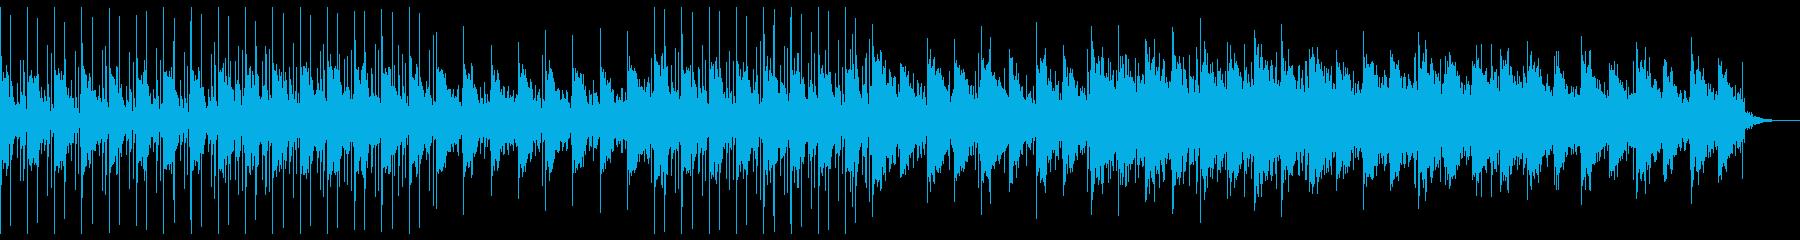 南国風・民族音楽・インストの再生済みの波形